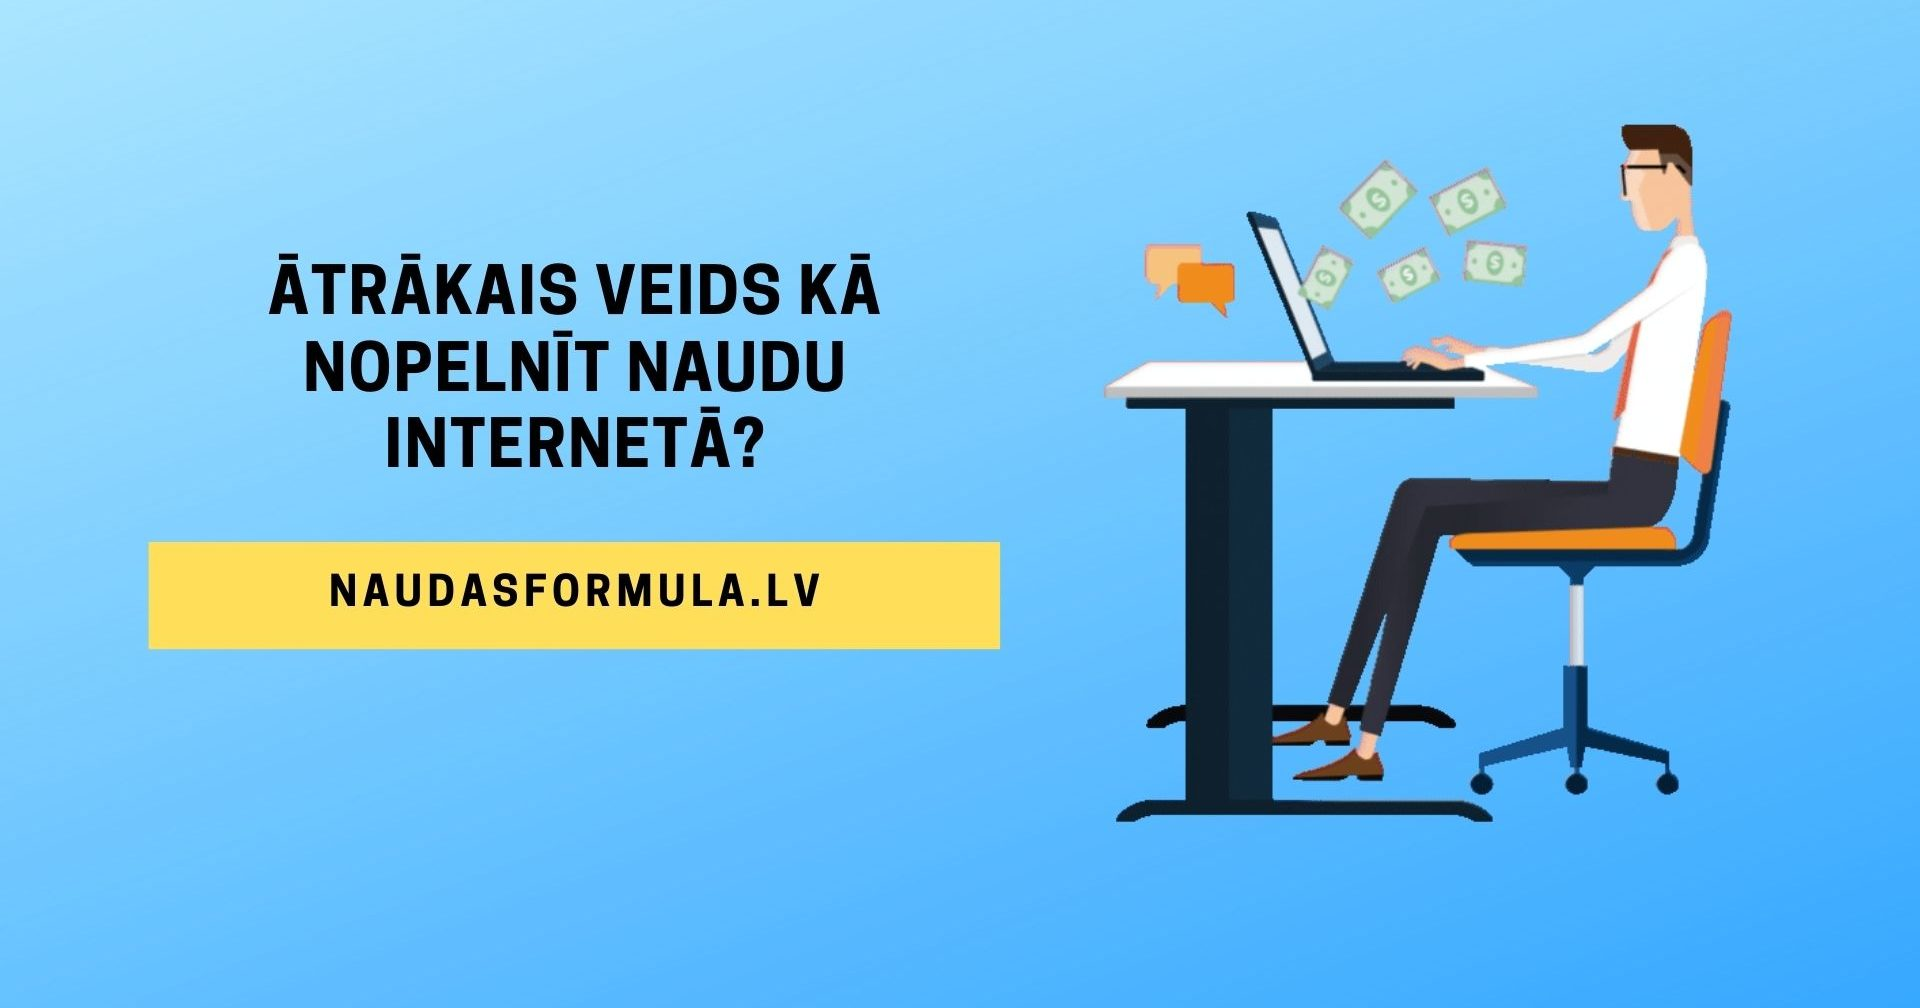 kā nopelnīt naudu internetā yf dekrfyt